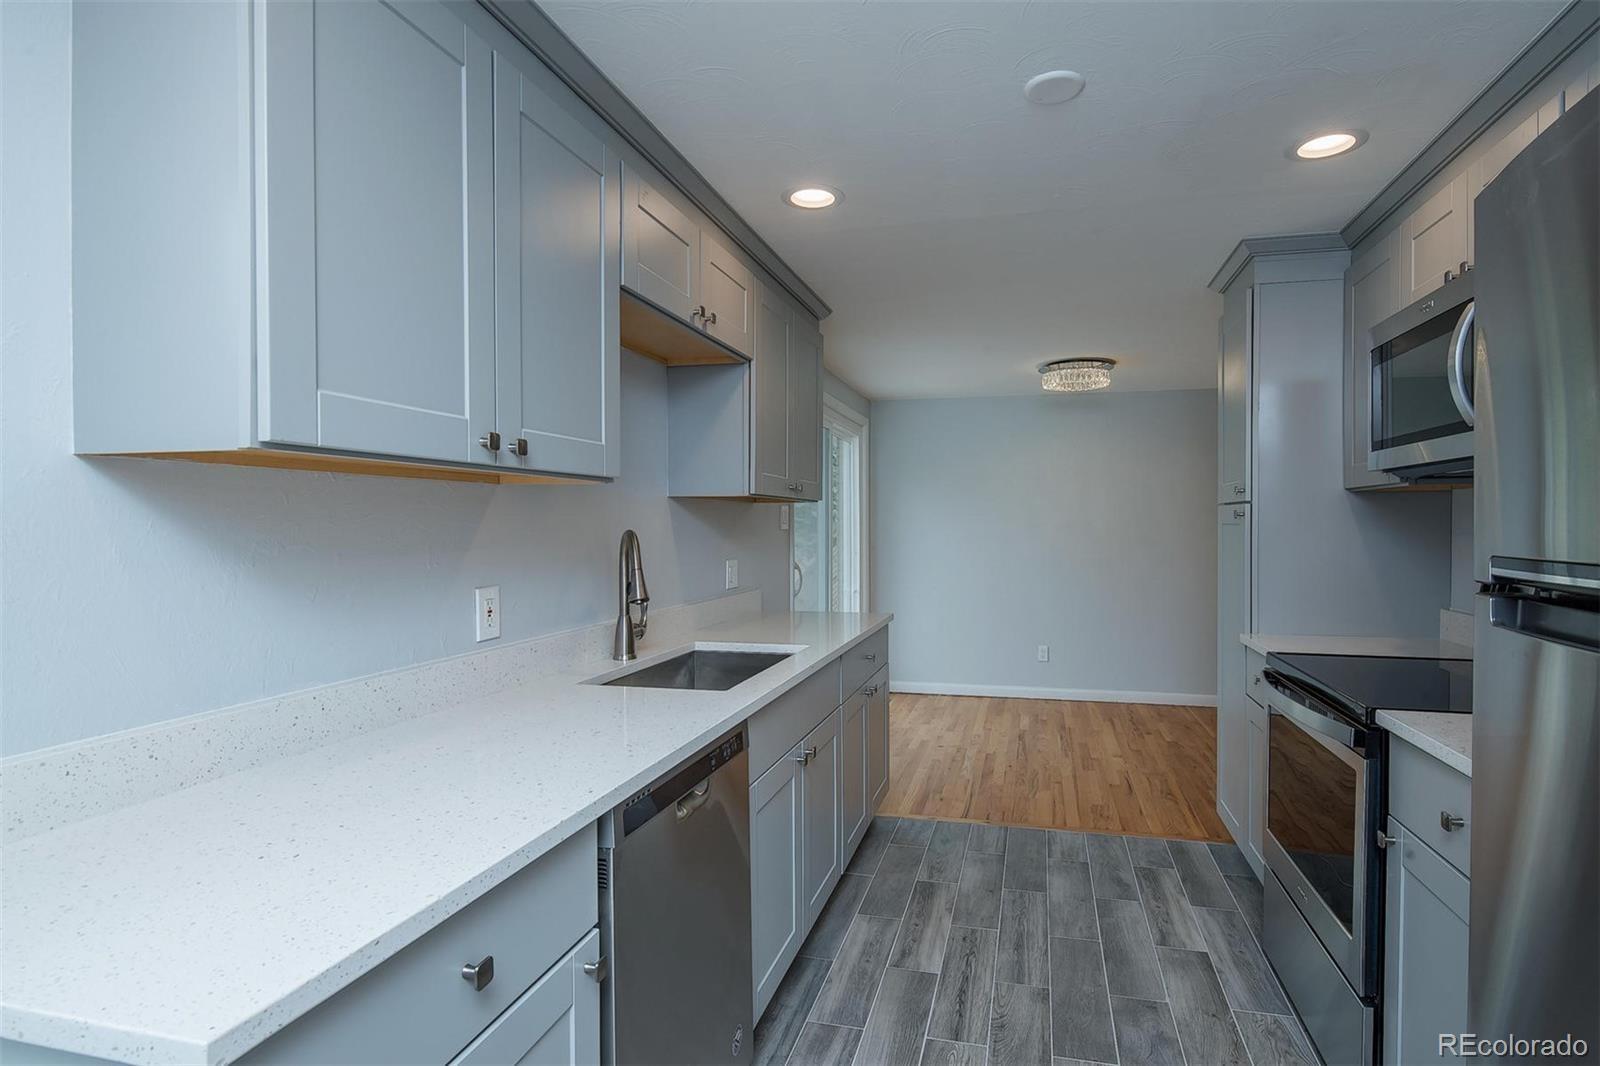 MLS# 2795033 - 9 - 2665 S Josephine Street, Denver, CO 80210